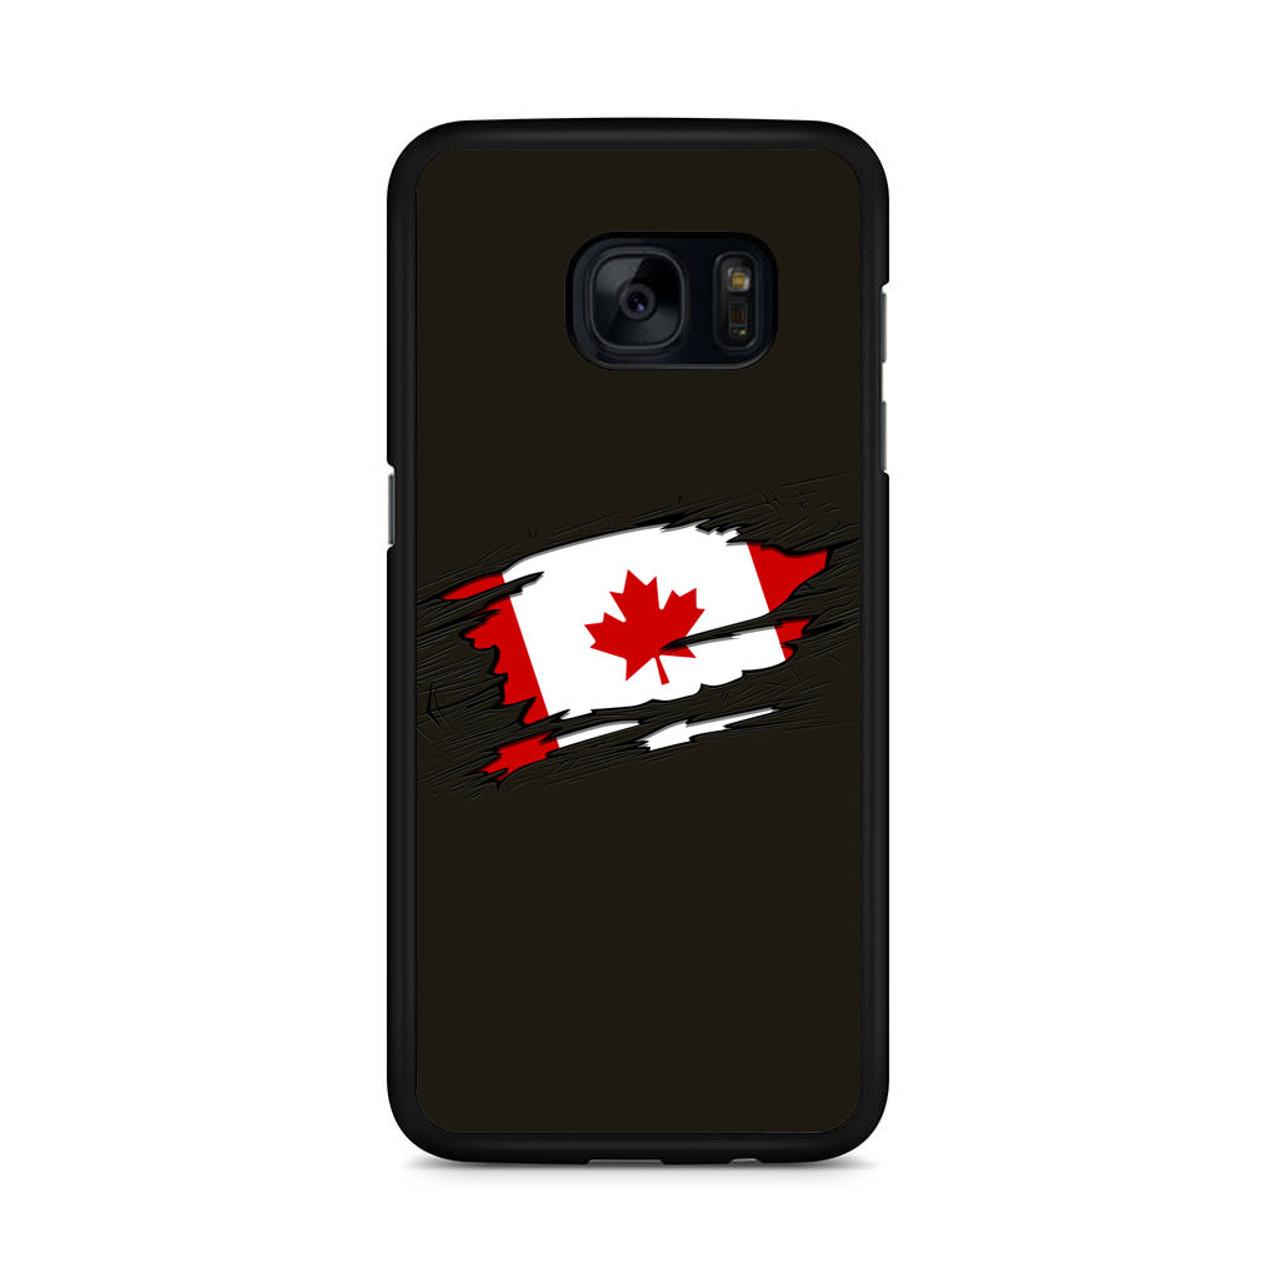 cheap for discount 266ad bc4da Canadian Flag Samsung Galaxy S7 Edge Case